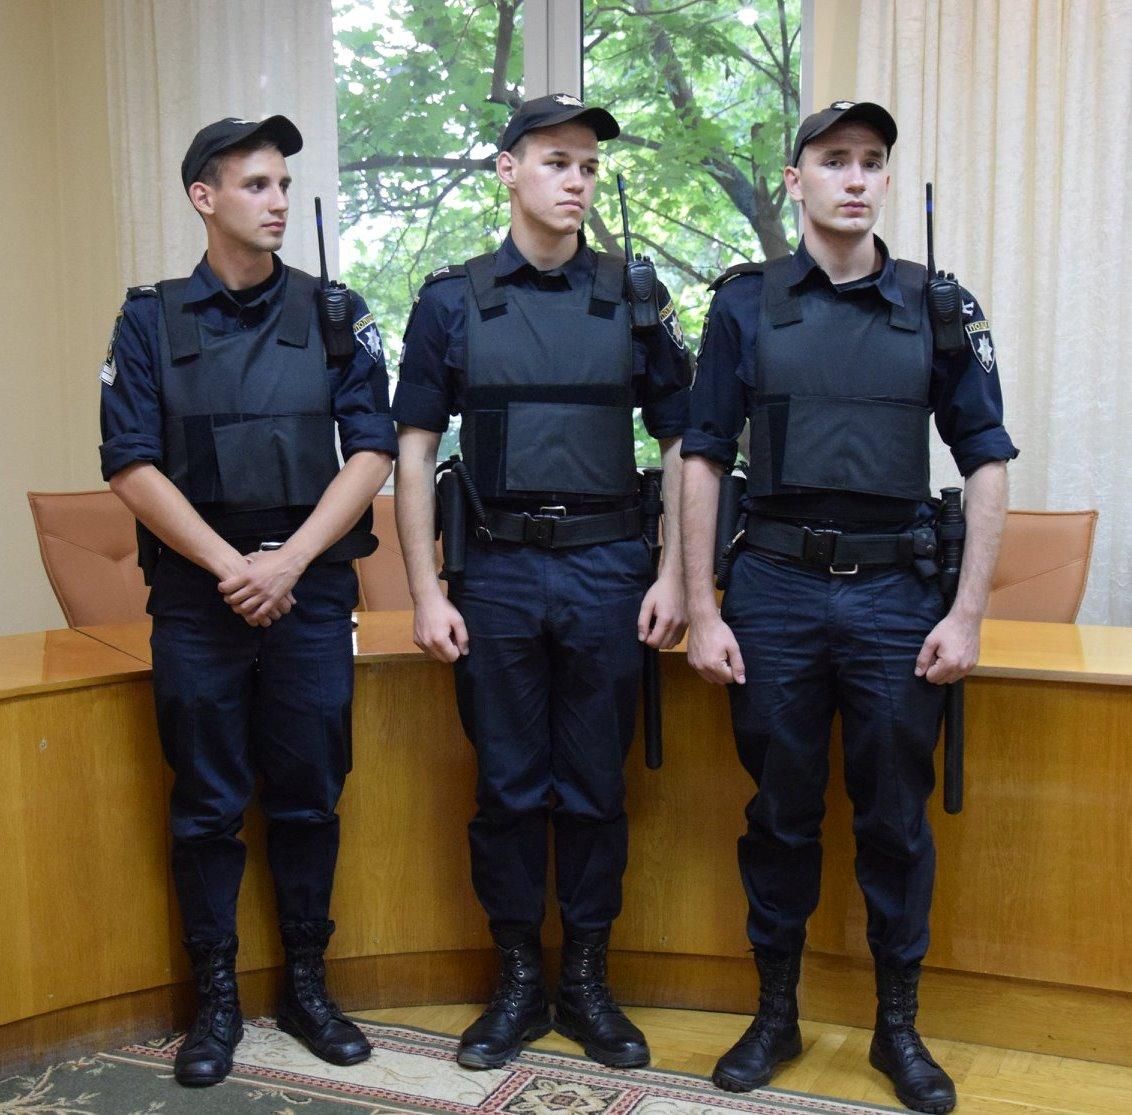 «Безпечний район»: майбутні правоохоронці підтримують громадський порядок